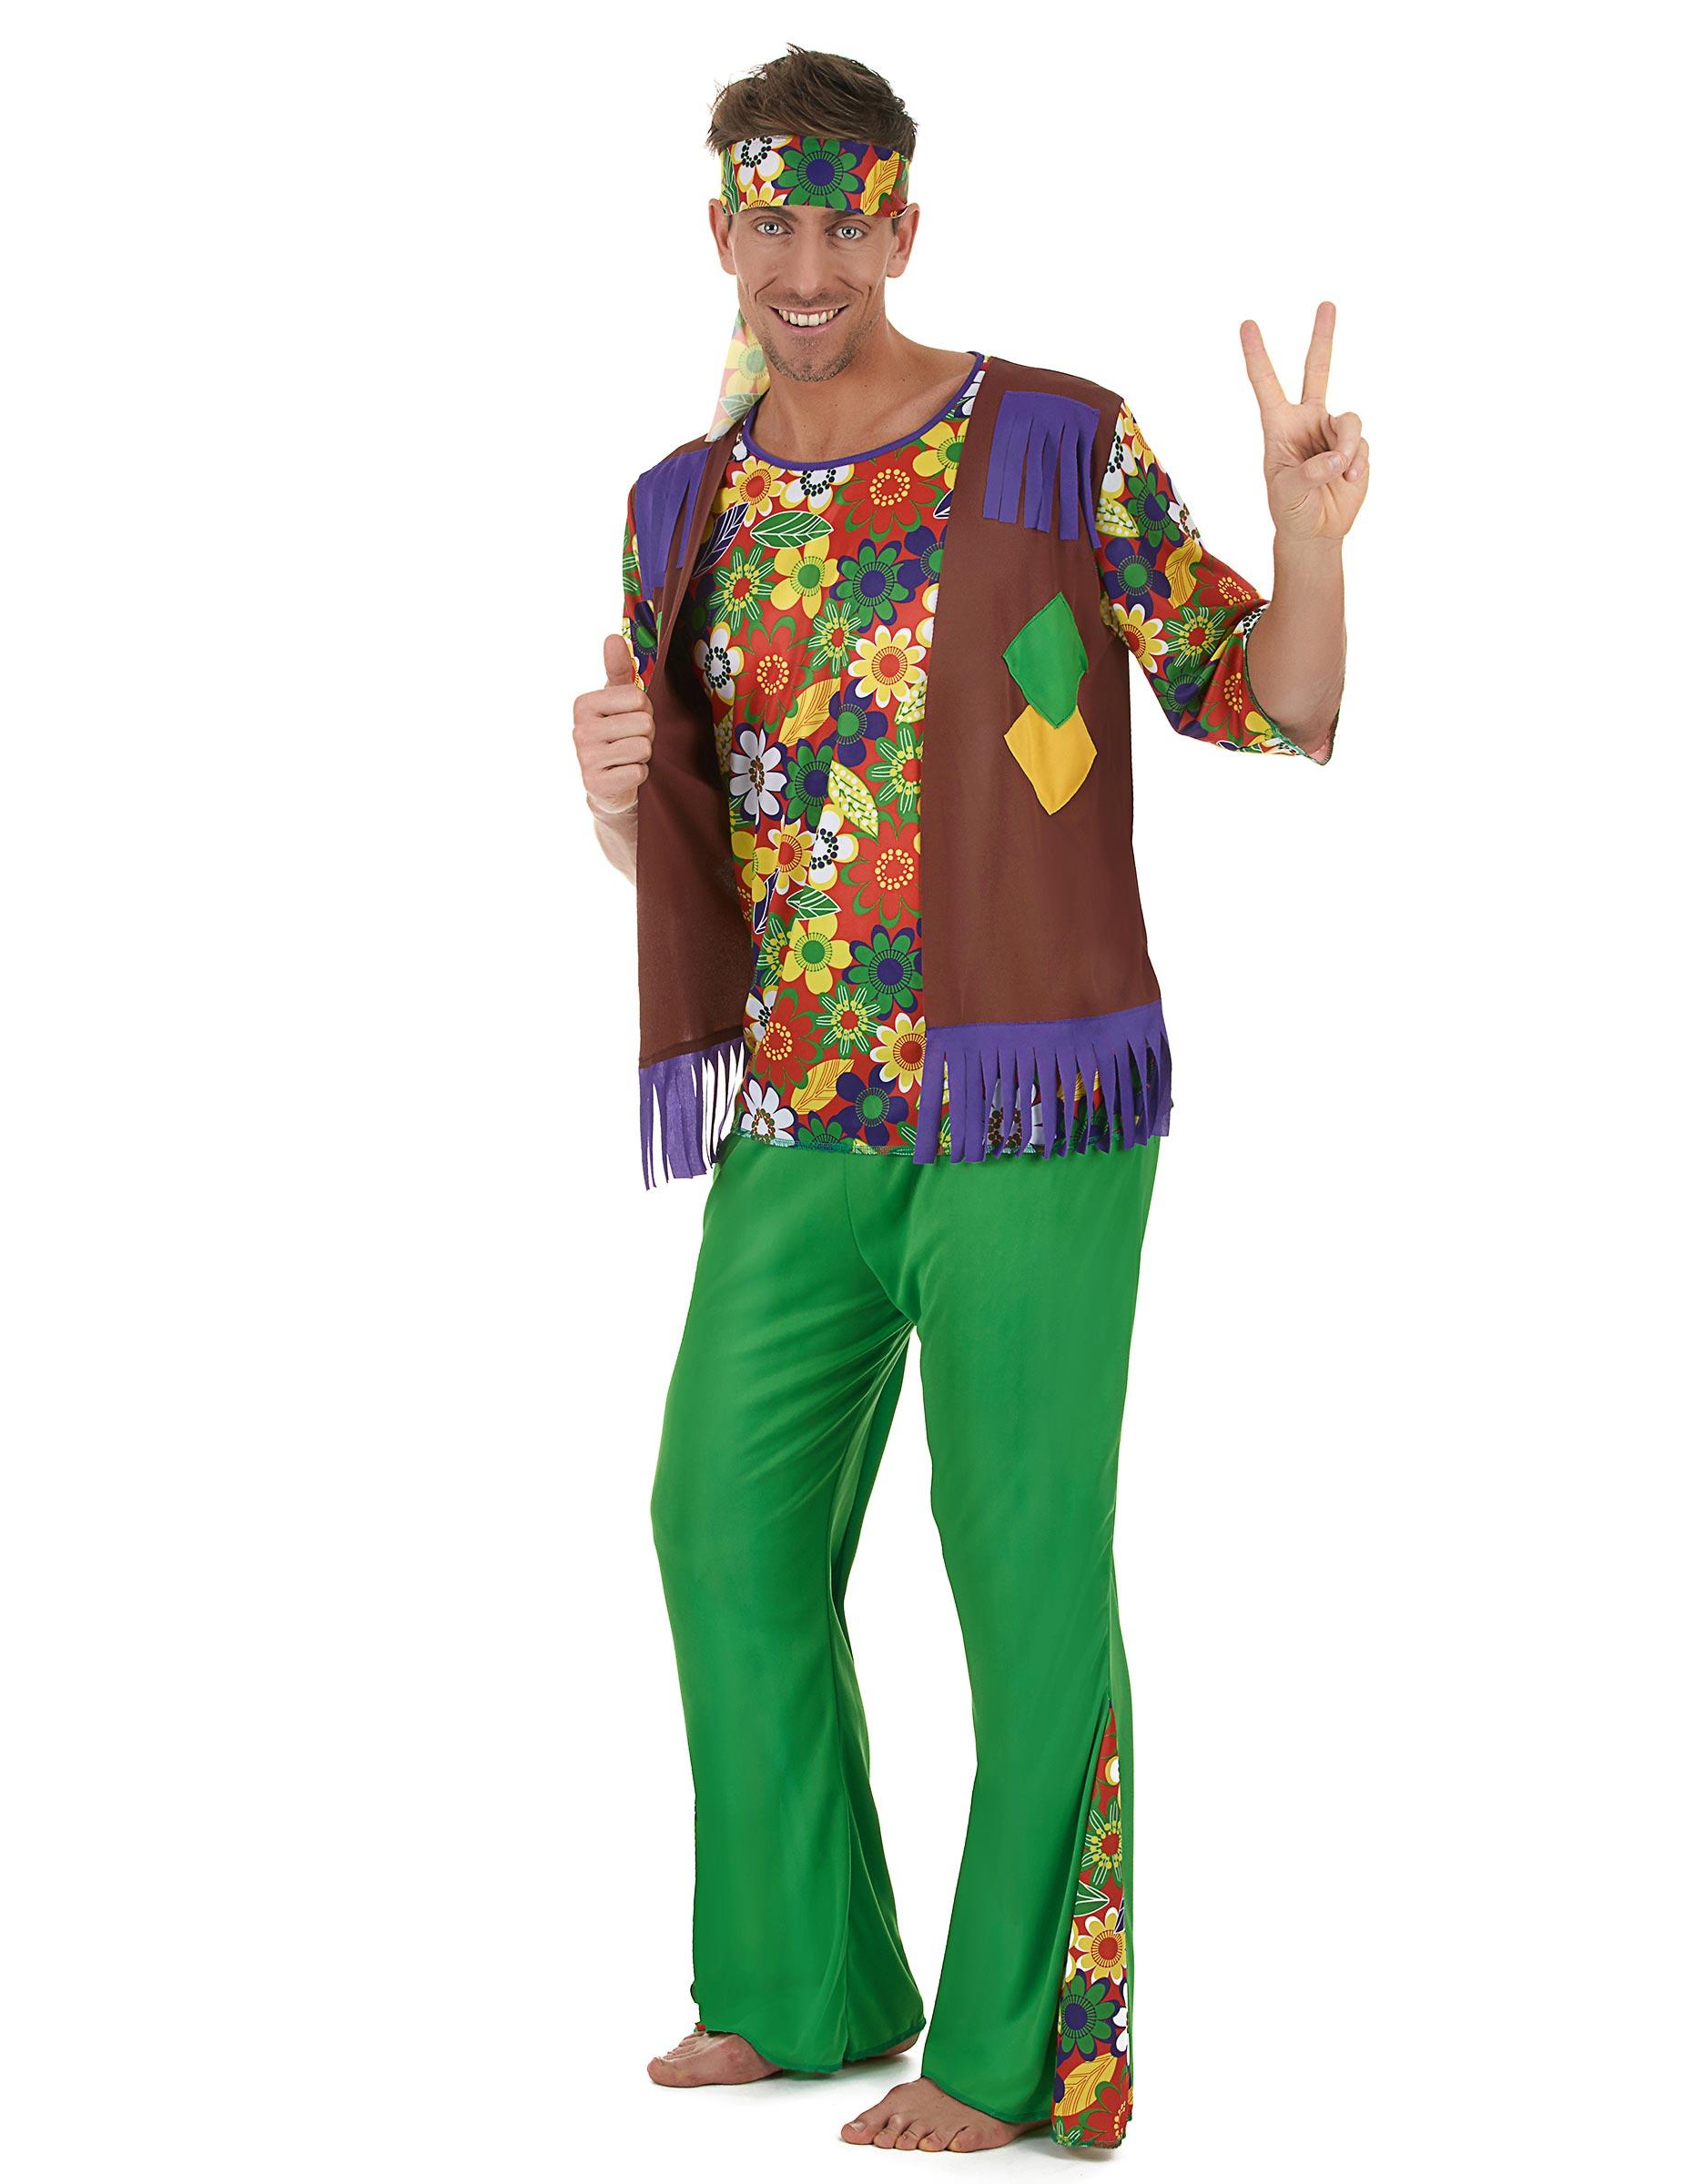 d guisement hippie flower power homme deguise toi achat de d guisements adultes. Black Bedroom Furniture Sets. Home Design Ideas